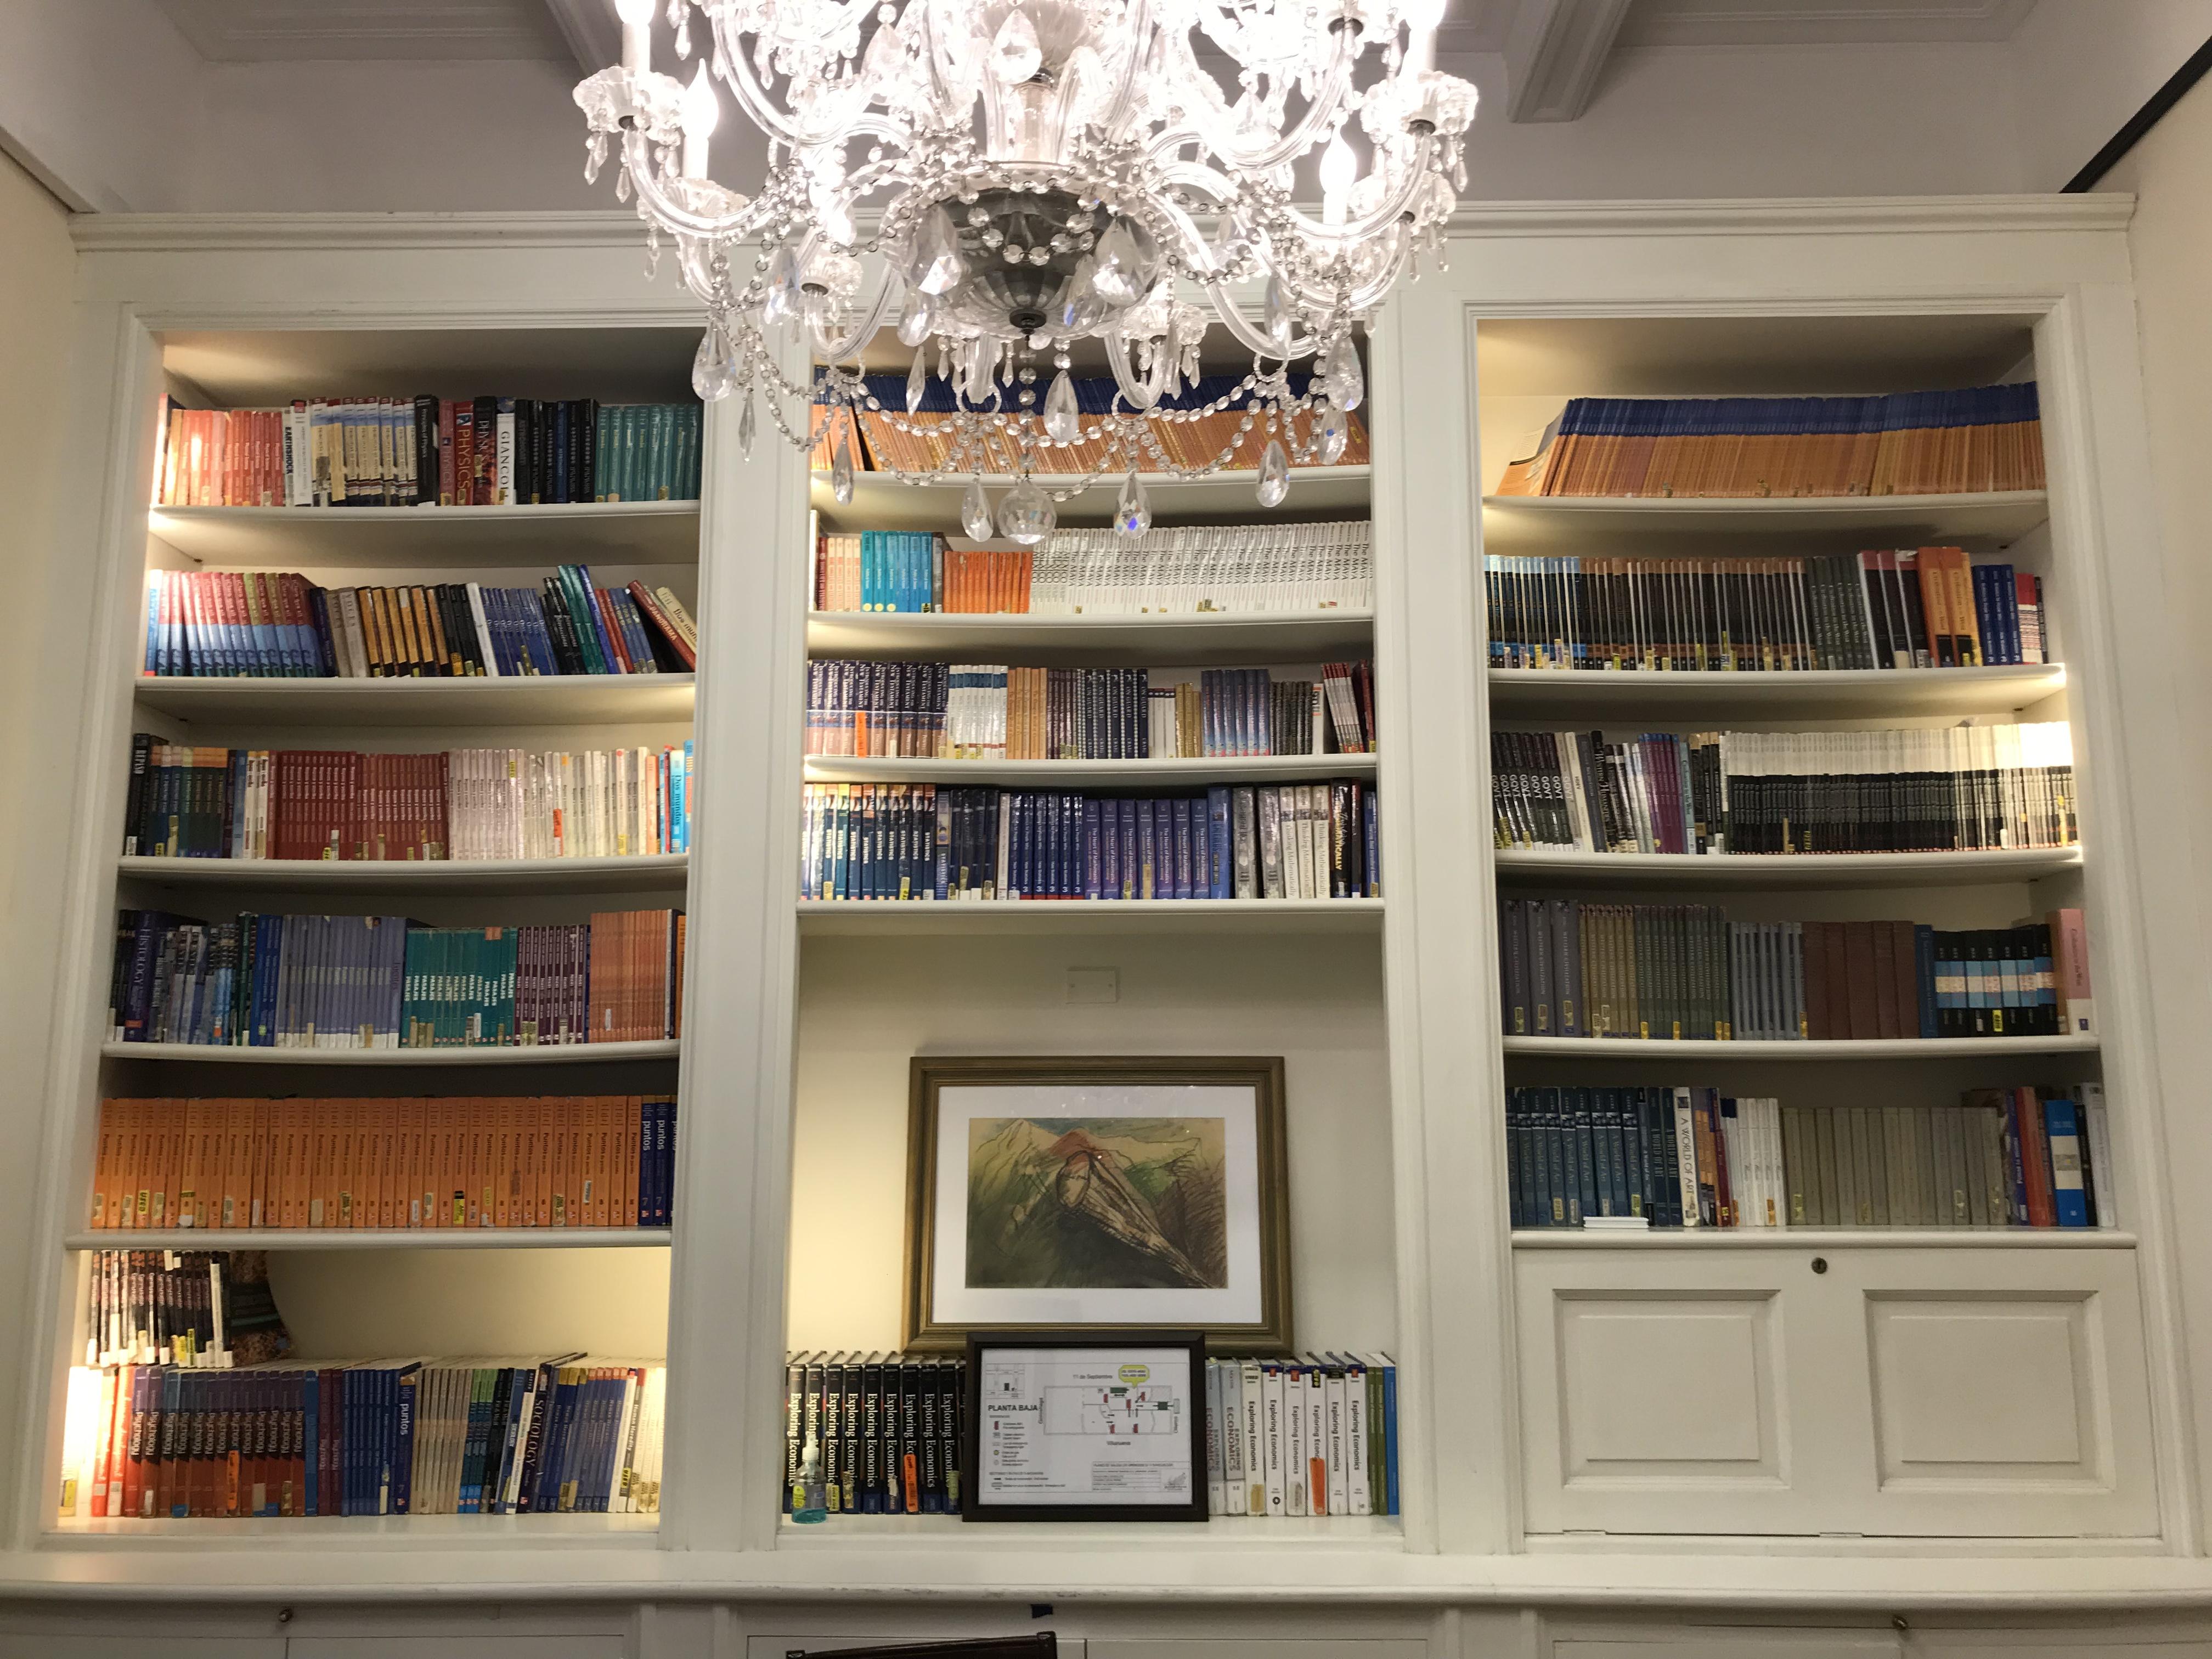 BA bookshelves